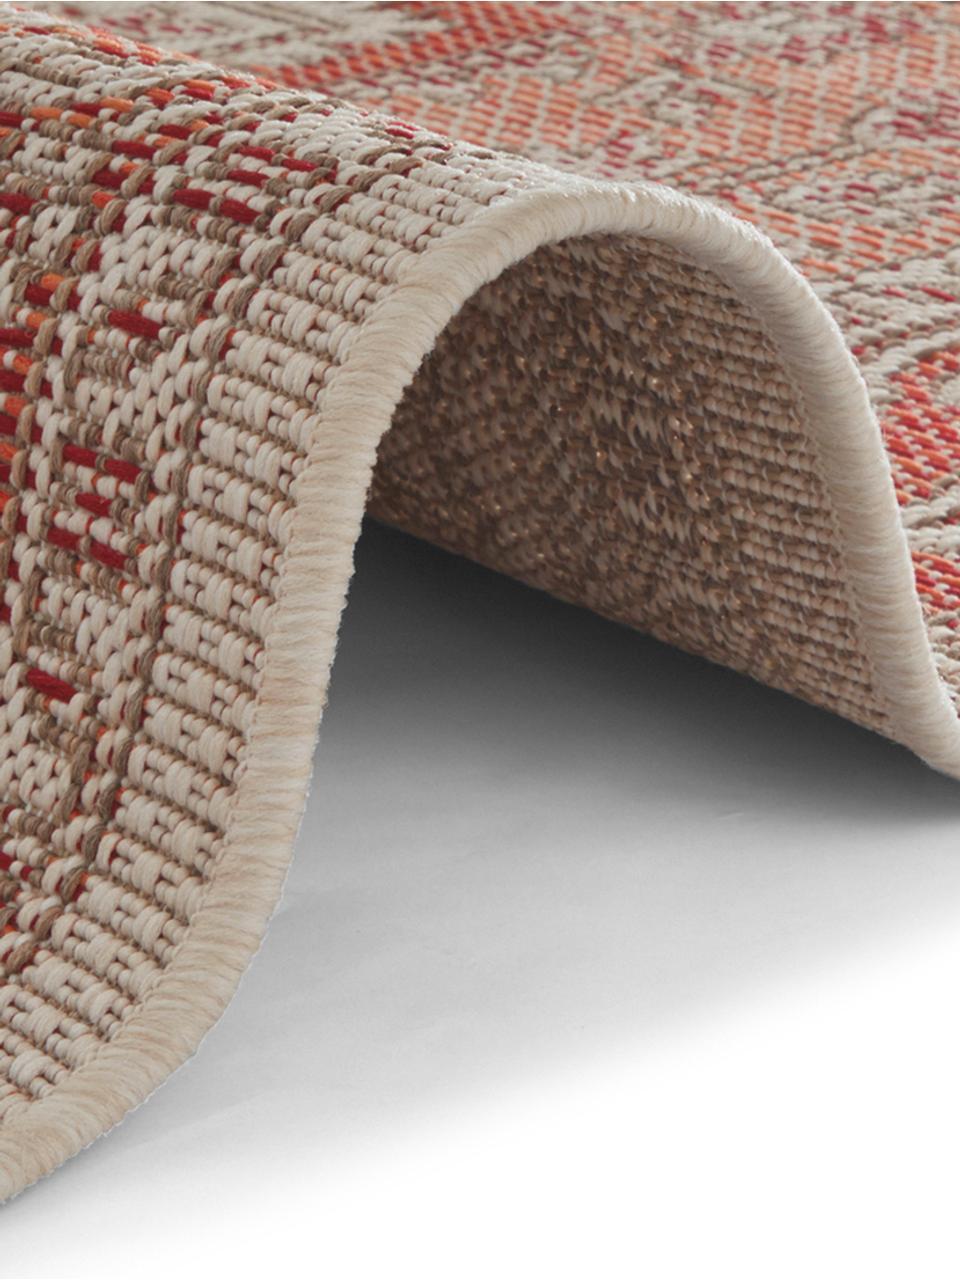 In- & Outdoor-Teppich Anjara im Vintage Style, 100% Polypropylen, Terrakottarot, Beige, B 200 x L 290 cm (Größe L)